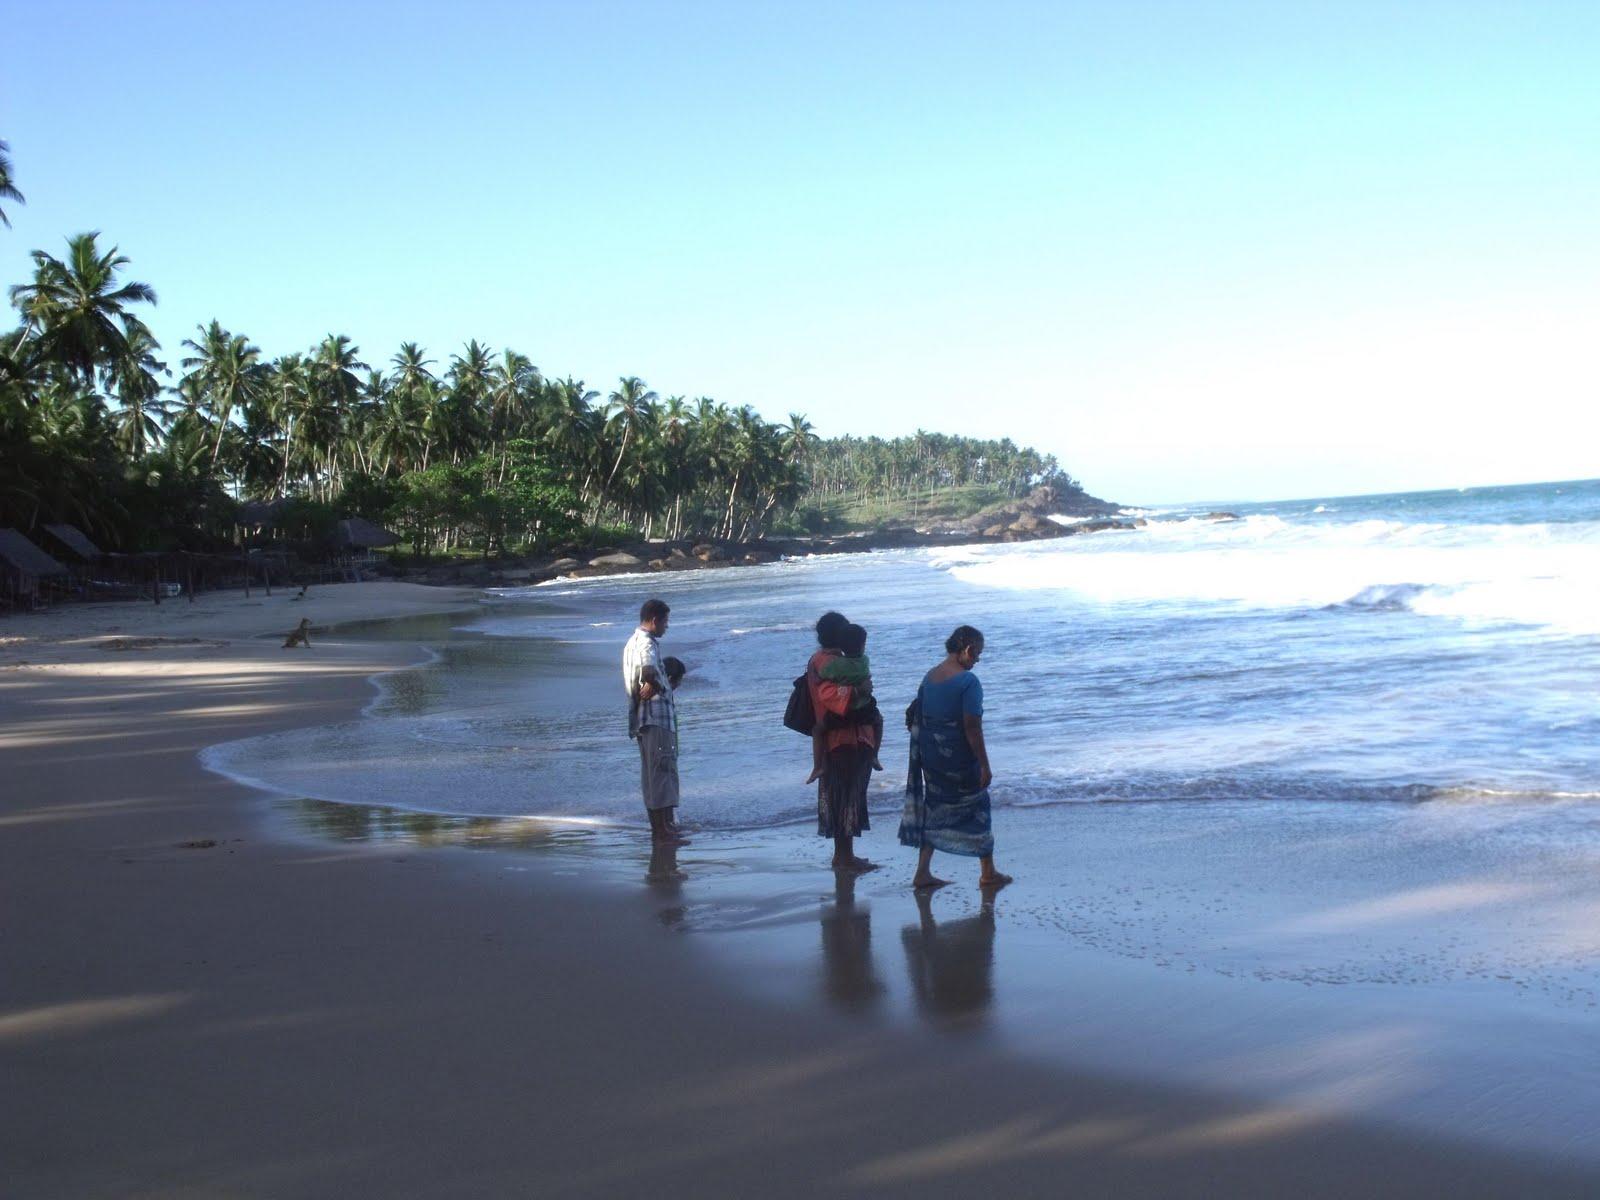 Tangalle Sri Lanka  city photos gallery : Tangalle beach, Sri Lanka.